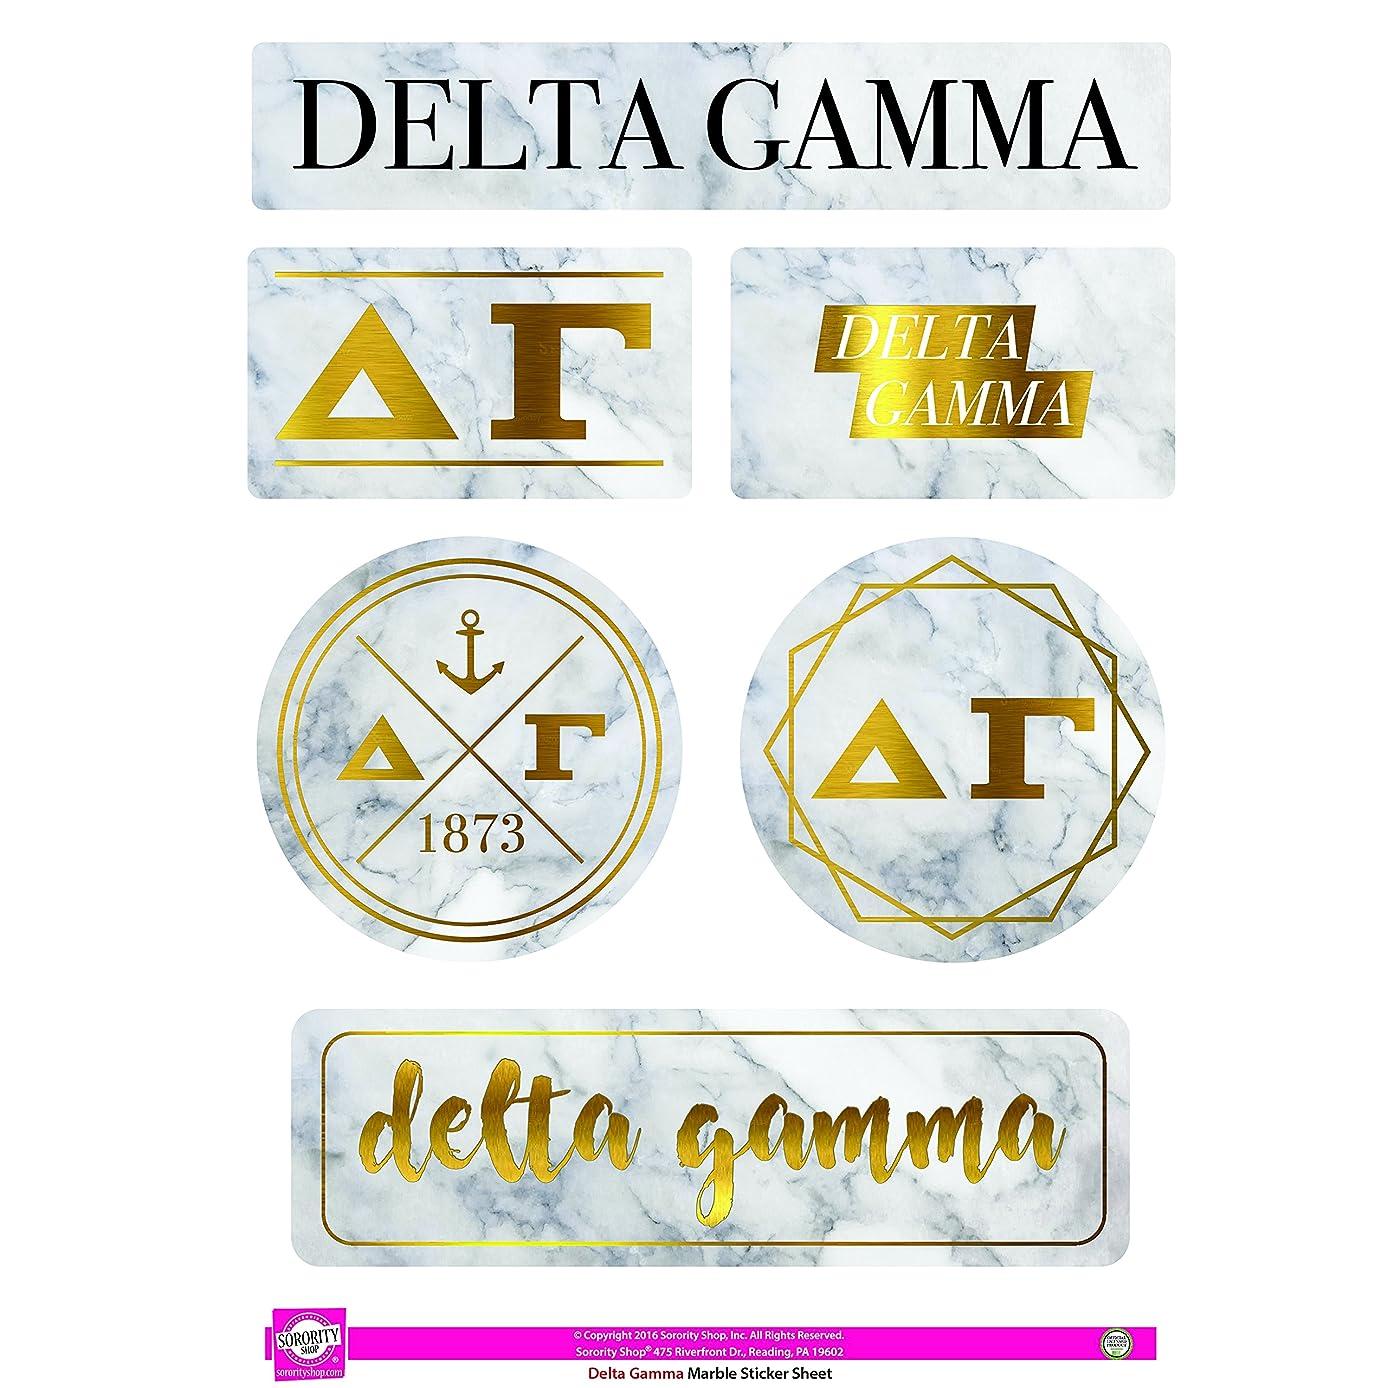 Delta Gamma - Sticker Sheet - Marble Theme